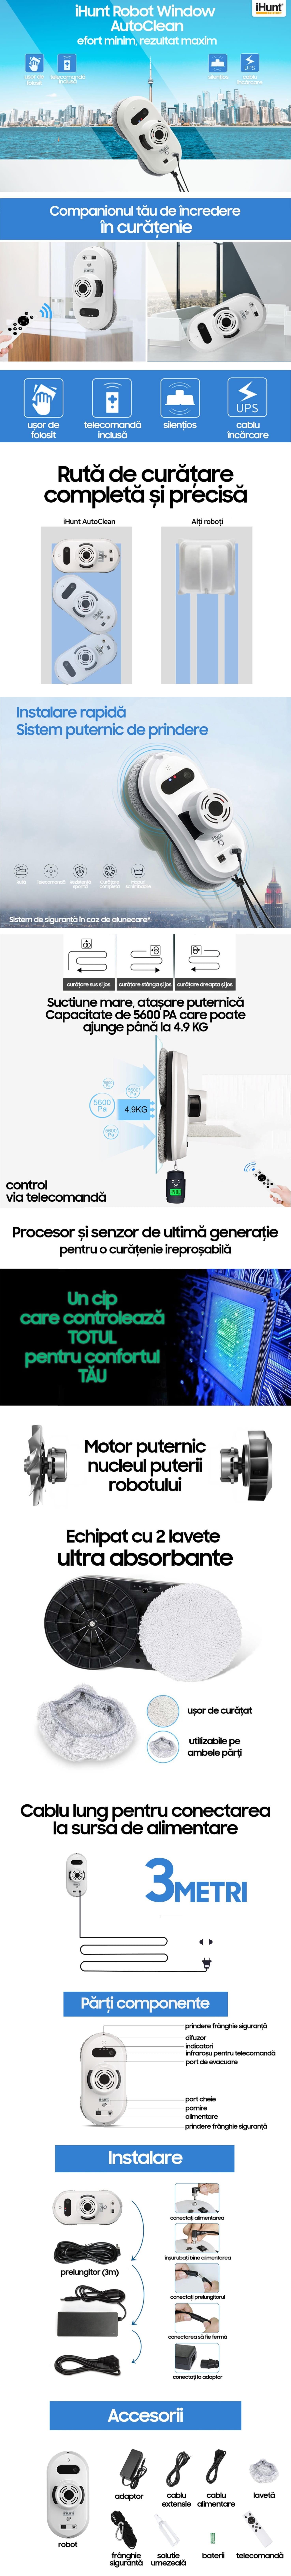 Prezentare-iHunt-Robot-Window-AutoCleanc75d760f2b799f66.jpg